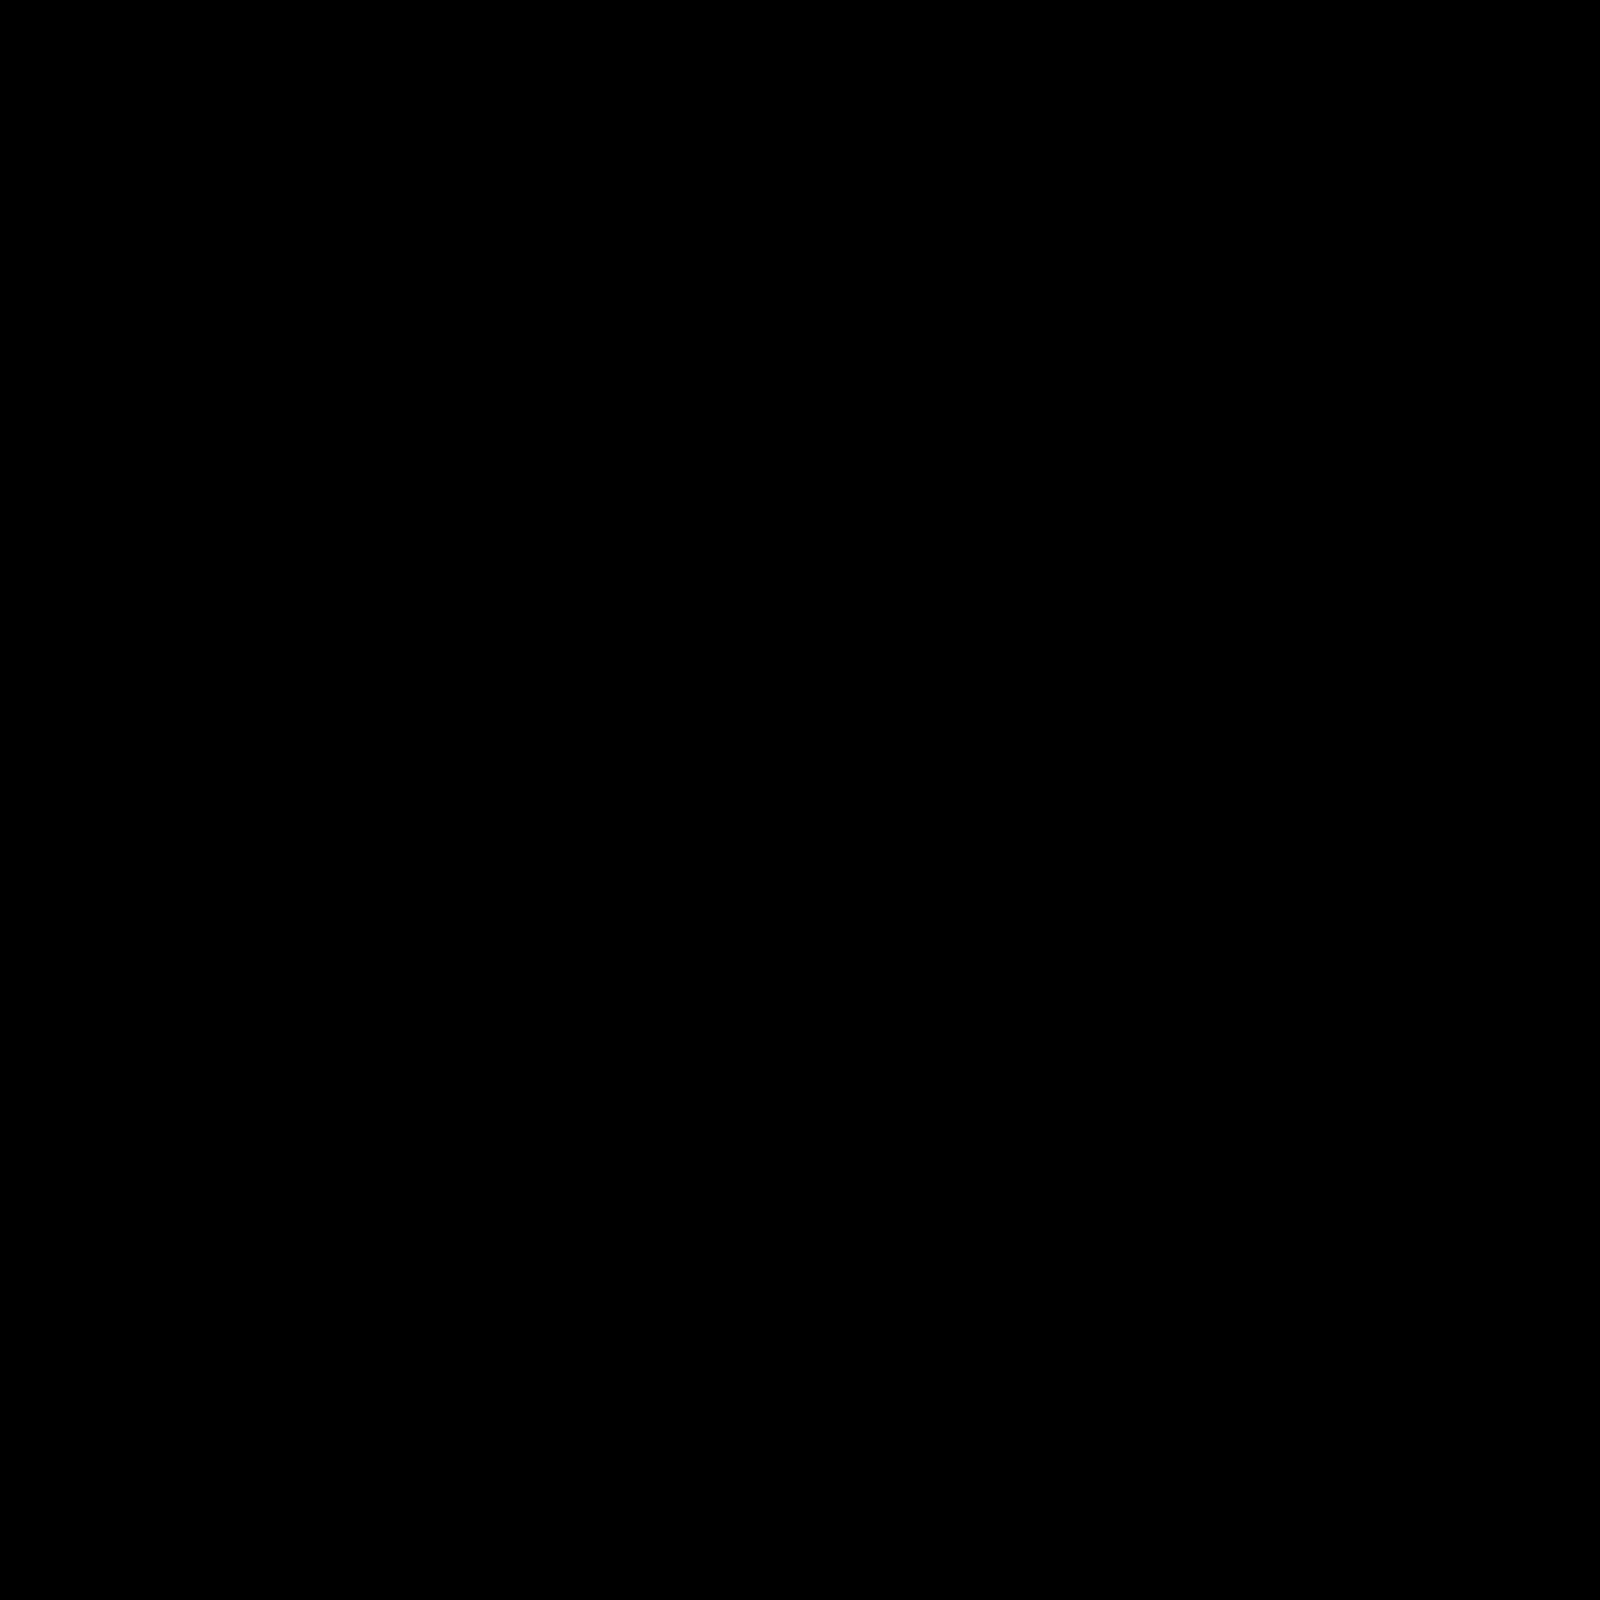 履歴書 icon. This is a picture of a piece of paper with lines of writing on it, and a tiny picture of a man's chest/face on the top left hand side. the writing by the head is two lines, while the rest of the paper has six lines of writing.